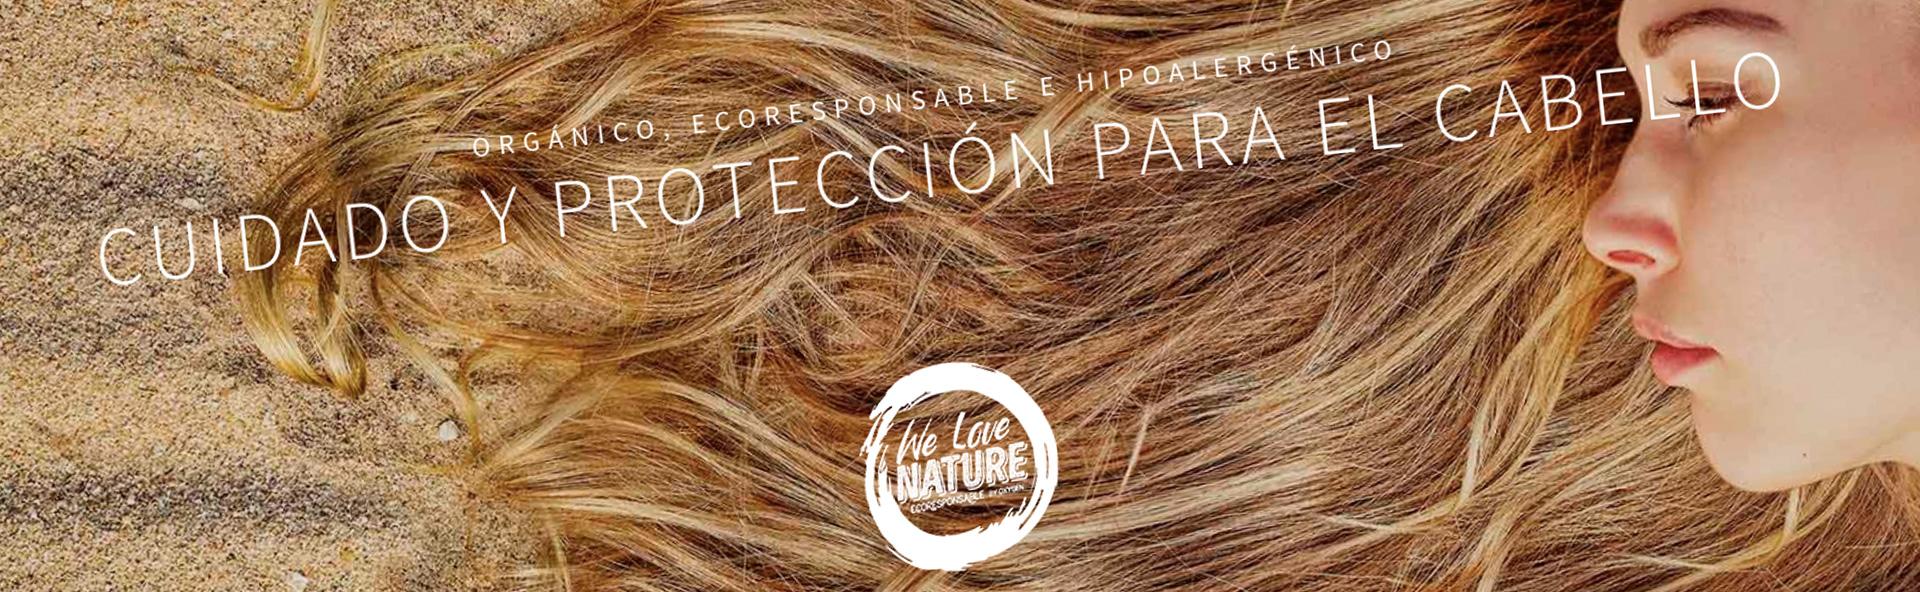 Cuidado y protección para el cabello